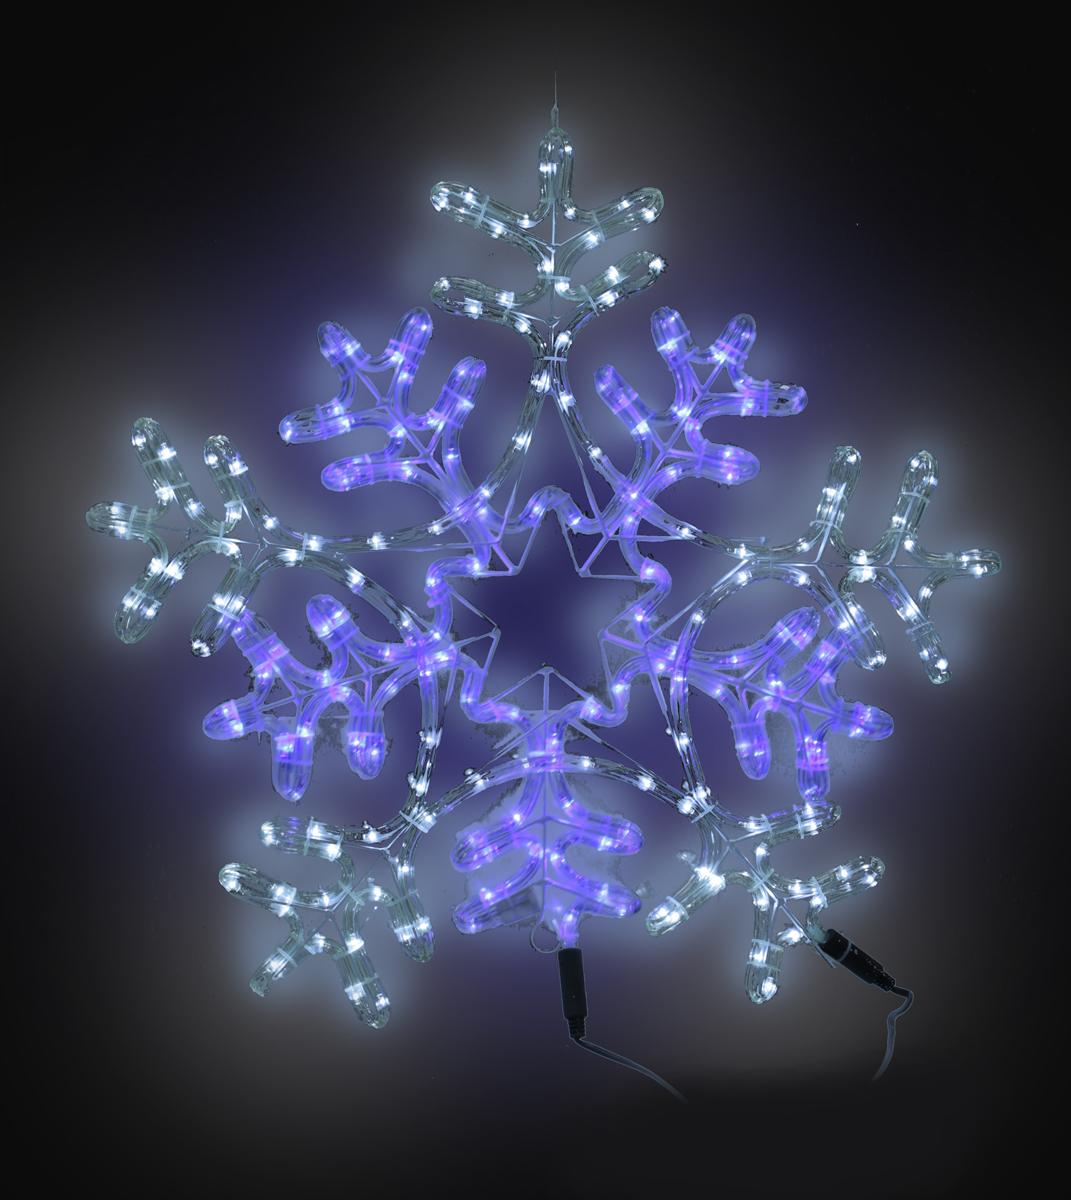 B&H Фигура светодиодная Снежинка сине-белая, цвет: белый, синий, 216 LED, 8 режимов, 62 х 62 смBH0701Светодиодная фигура Снежинка сине-белая выполнена из двух светодиодных шнуров - белого (120 LED) и синего (96 LED) цвета, закрепленных на металлическом каркасе с крючком для подвеса фигуры. Применяется как внутри, так и снаружи помещений. Наличие контроллера позволяет создавать 8 различных режимов работы.Длина сетевого шнура - 3 м. Размер - 62 х 62 см.